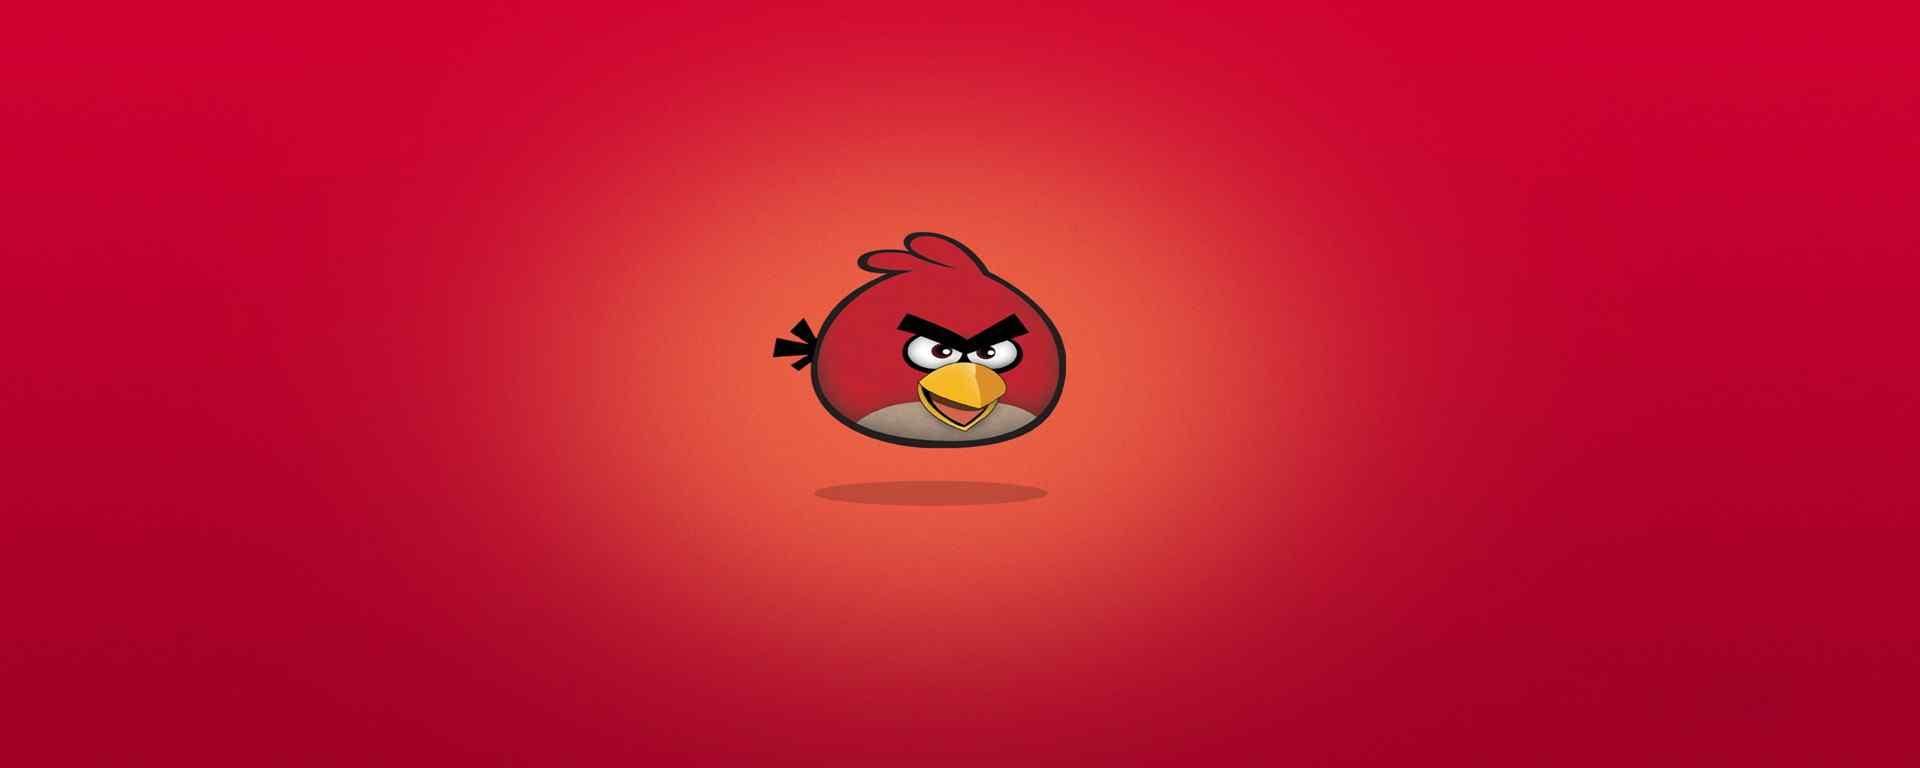 愤怒的小鸟_愤怒的小鸟手机壁纸_愤怒的小鸟高清壁纸图片